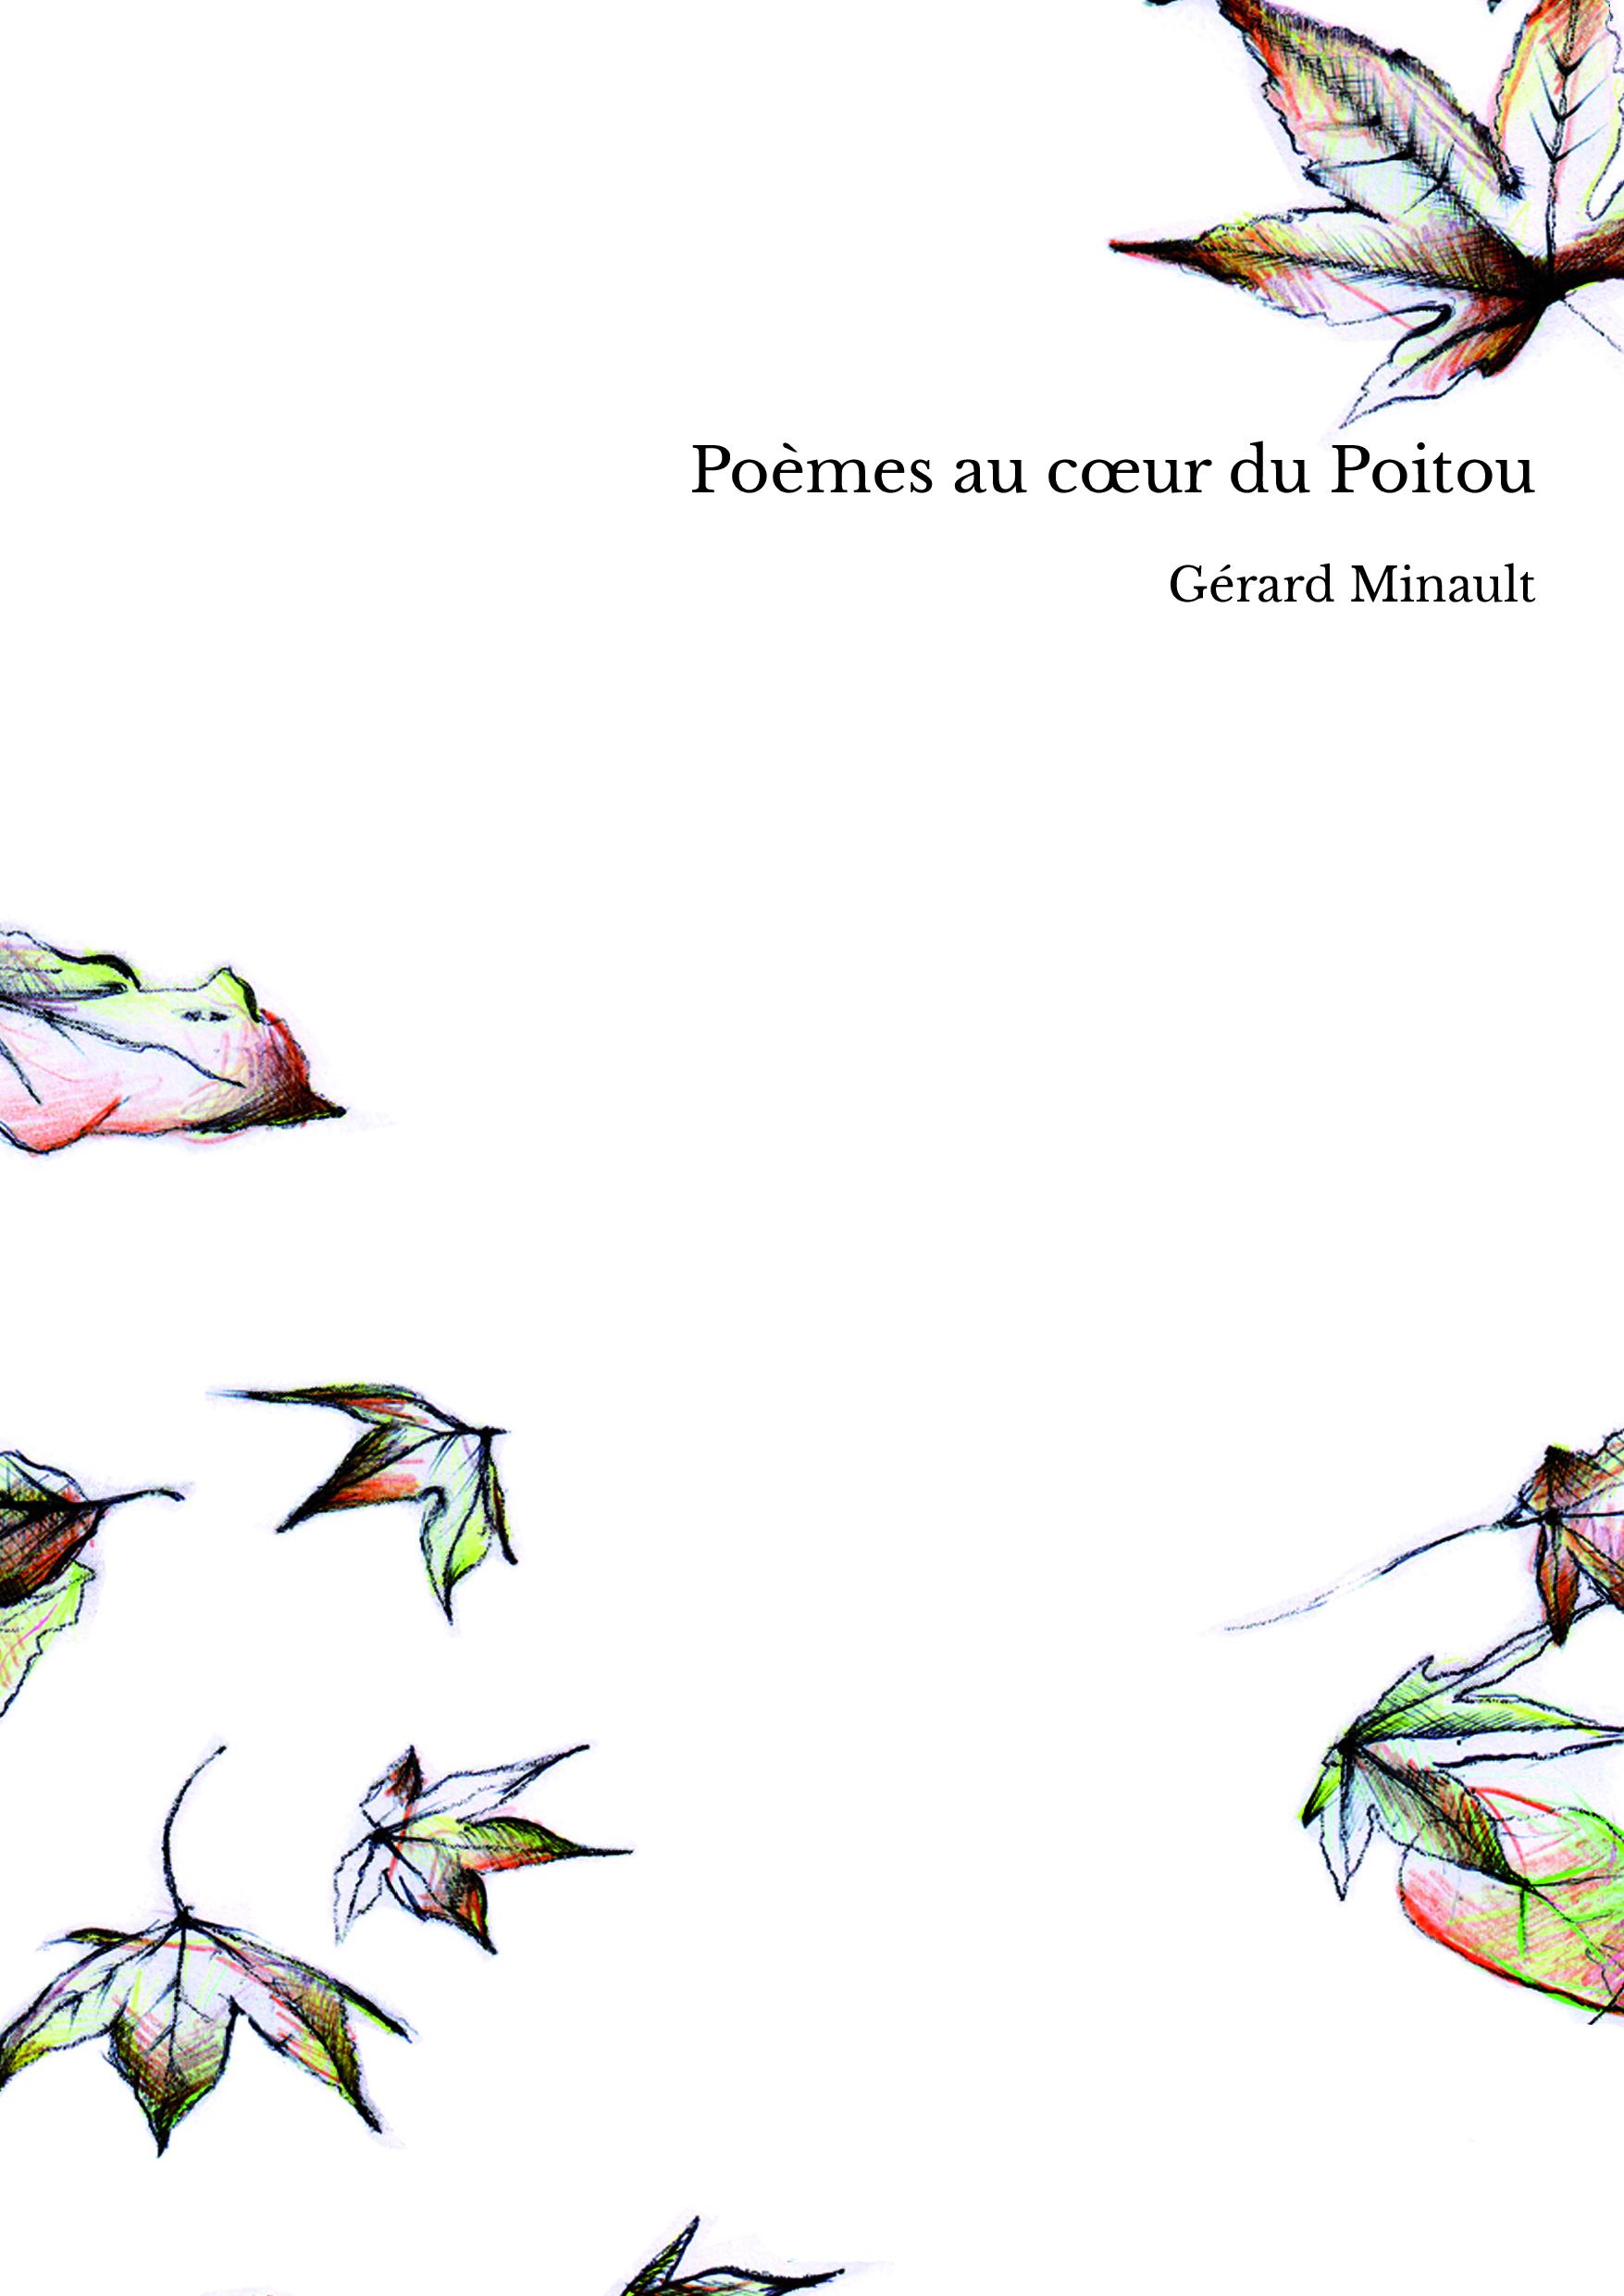 Poèmes au cœur du Poitou